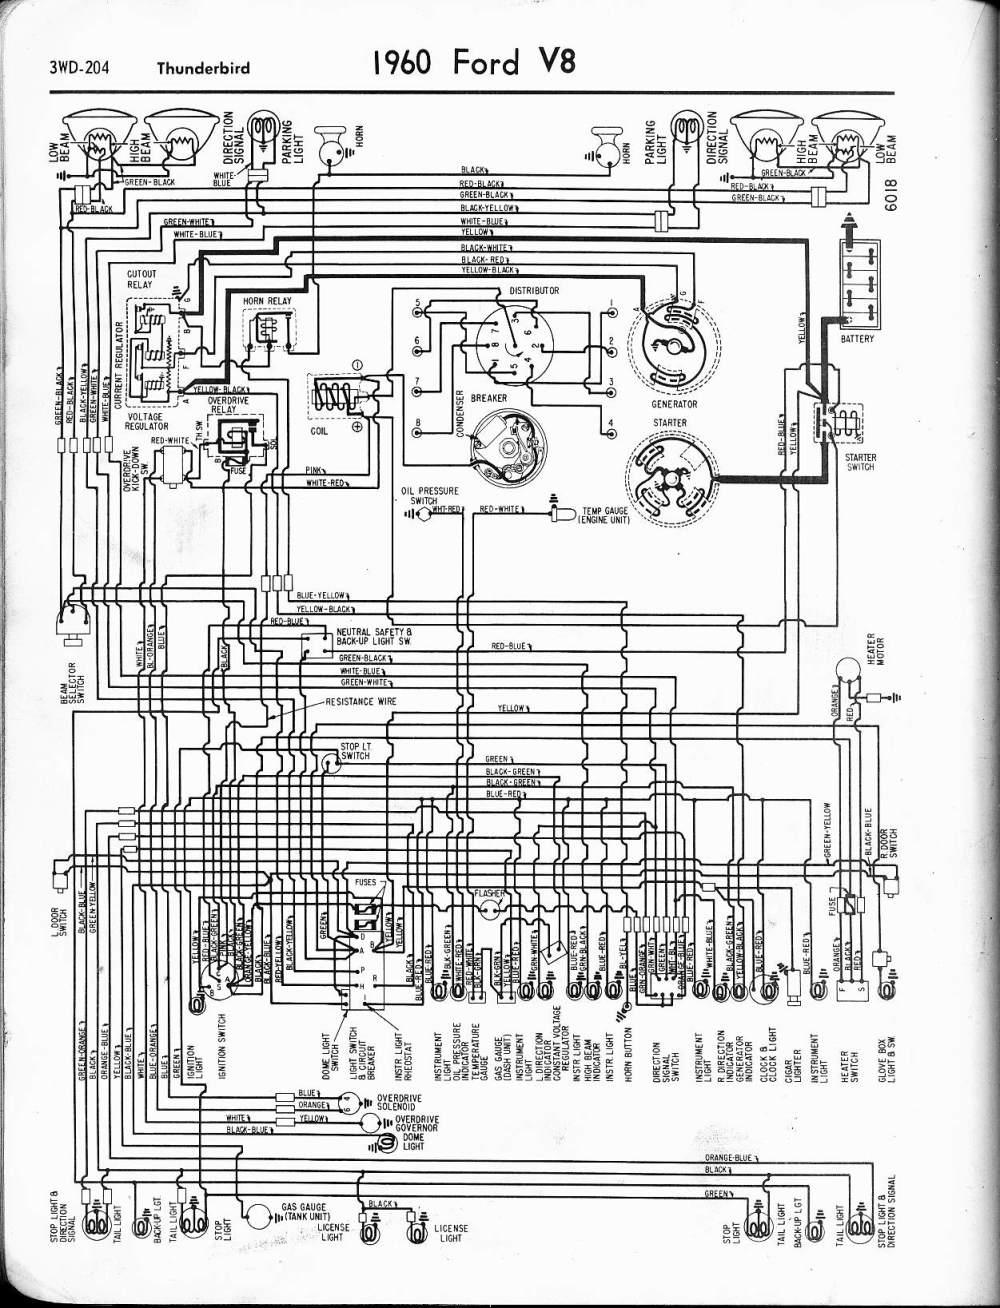 medium resolution of 1988 ford festiva wiring diagram saturn l100 wiring 1980 thunderbird 1980 thunderbird